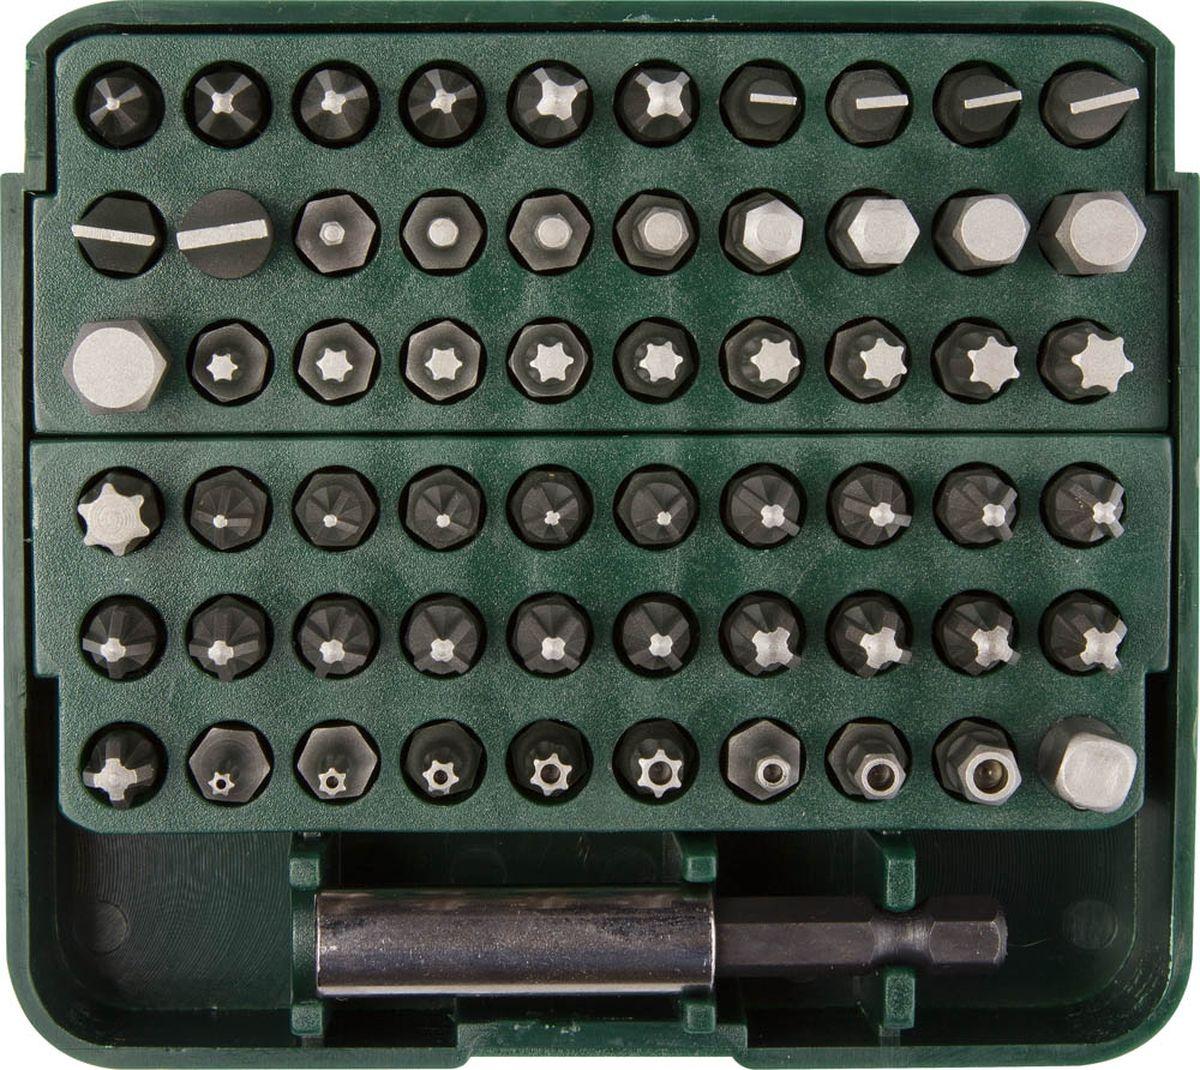 Набор бит Kraftool Expert, с адаптером, 61 предмет26140-H61Набор бит Kraftool Expert включает специальные биты, которые предназначены только для профессионального использования в работе с крепежом, так как головки имеют специальный профиль. Набор бит может использоваться как при работе с шуруповертом, так и в работе с универсальными отвертками под биты. Набор состоит из 61 предмета и включает удлинитель-адаптер с магнитным держателем для бит, переходник для торцевых головок 1/4 и 59 бит. Магнитный адаптер-удлинитель используется в механизированном инструменте и обеспечивает надежное крепление биты в посадочном гнезде. Надежный пластиковый кейс удобен для хранения и транспортировки набора. Каждая бита крепится в индивидуальном посадочном отверстии кейса. Пластиковая защелка обеспечивает защиту кейса от случайного открытия. Комплект содержит: - Удлинитель-адаптер с магнитным держателем для бит; - Переходник для торцевых головок 1/4;- 59 бит длиной 25 мм (SL 4, SL 4,5, SL 5, SL 6, SL7, SL8, PZ №1 - 5 шт; PZ №2 - 10 шт; PZ №3 - 5 шт; PH №1, PH №2 - 3 шт; PH №3 - 2 шт; HEX: 2 мм, 2,5 мм, 3 мм, 4 мм, 5 мм, 5,5 мм, 6 мм, 7 мм, 8 мм; TORX: T10, T15 - 2 шт, T20 - 2 шт, T25 - 2 шт, T27, T30, T40; TORX HOLE: T8, T10, T15, T20, T25; Square: 3 мм, 4 мм, 5 мм); - Пластиковый кейс.